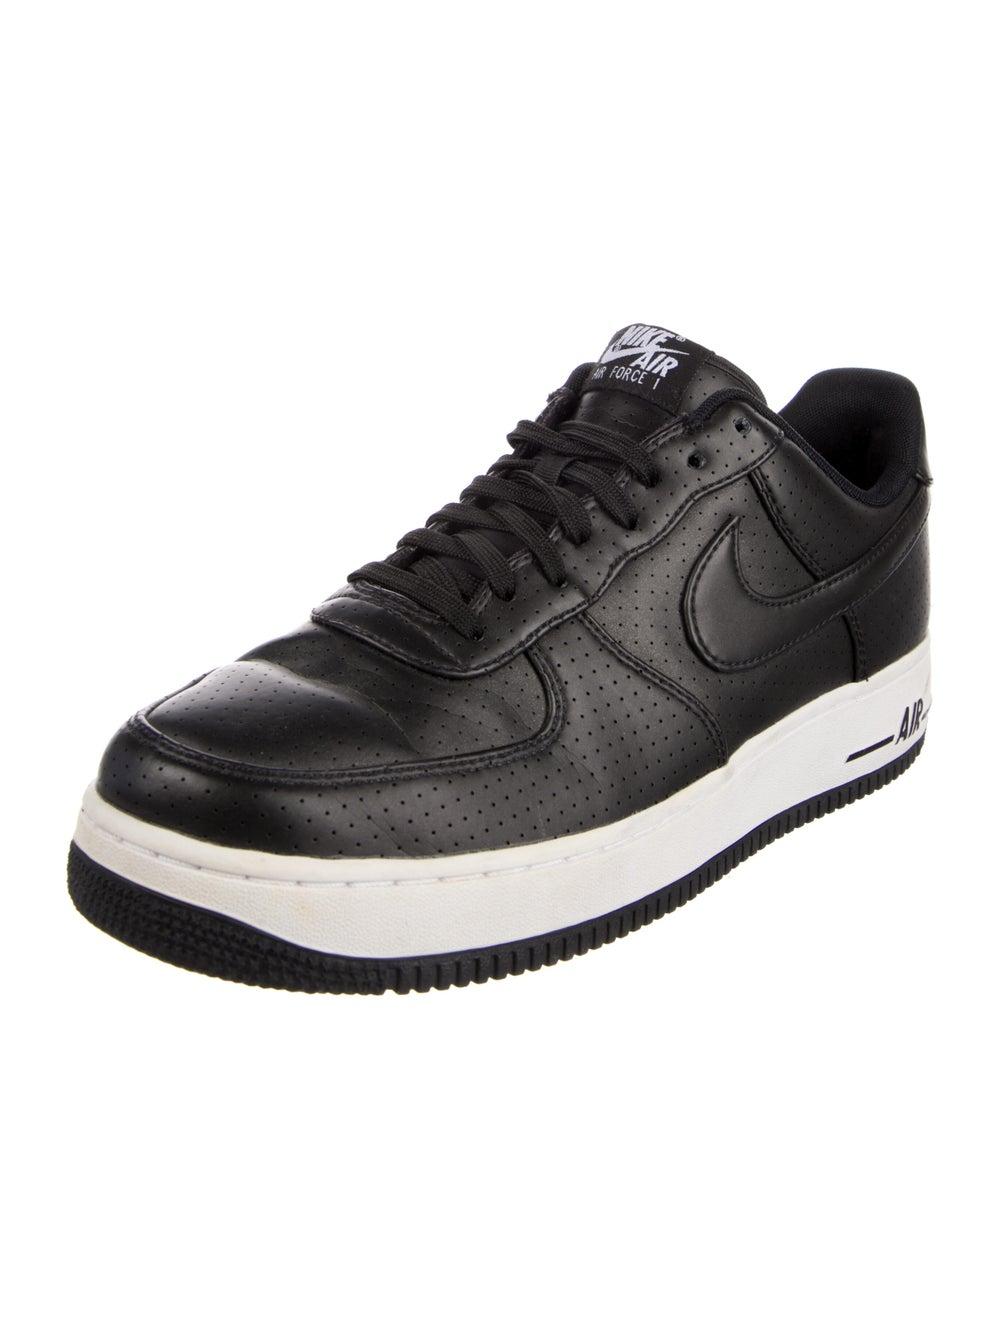 Nike Air Force 1 Low Premium Sneakers Black - image 2